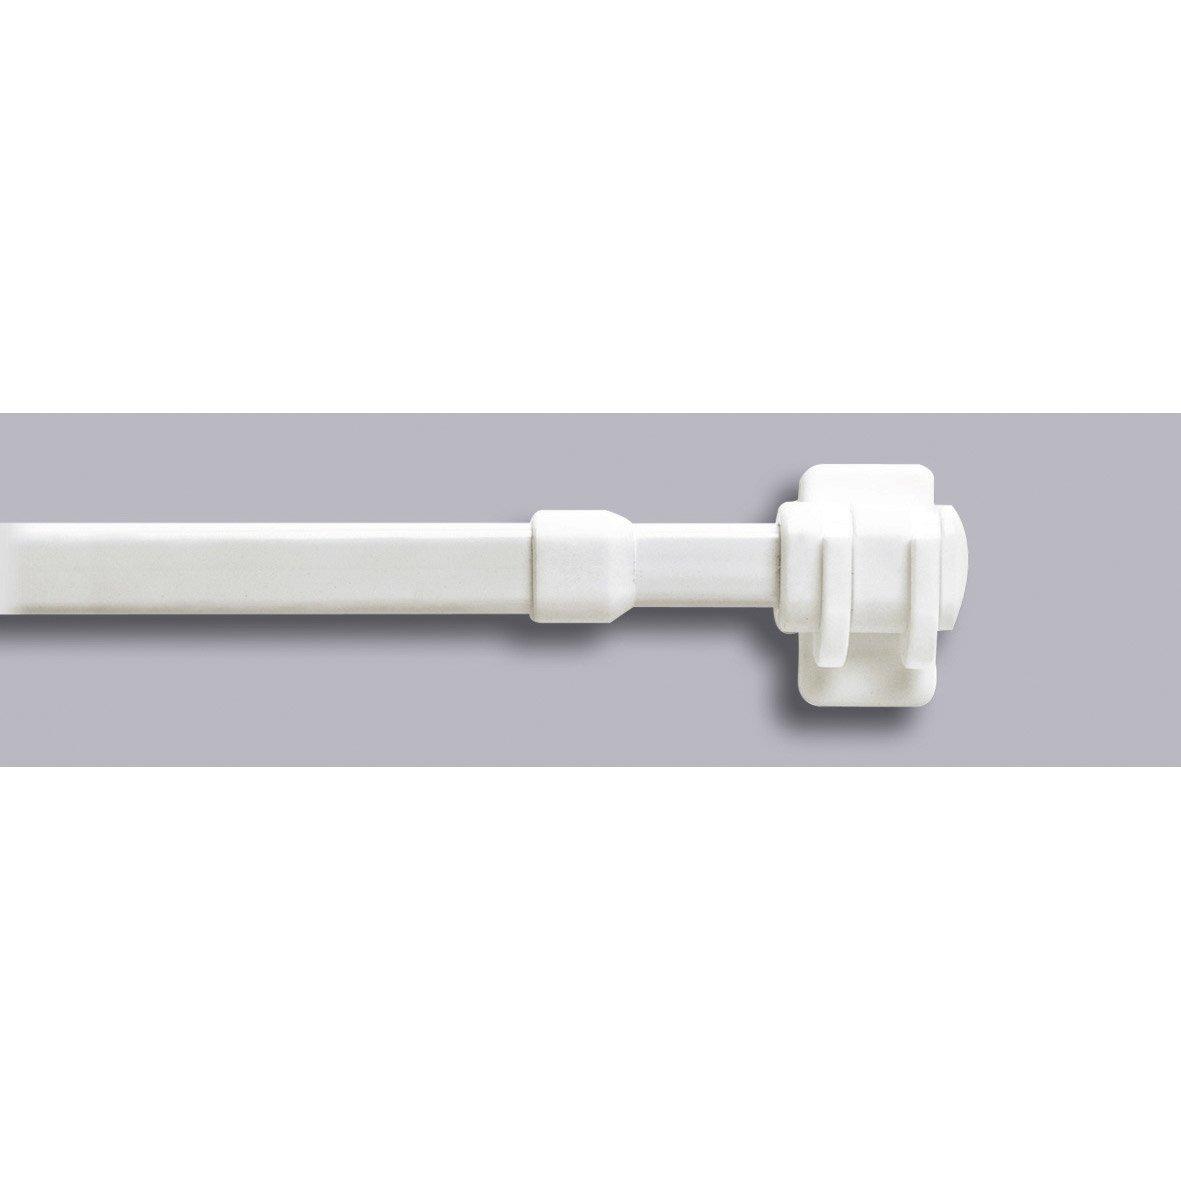 1 barre vitrage extensible sans per age inspire blanc 40 60 cm leroy me - Barre extensible leroy merlin ...